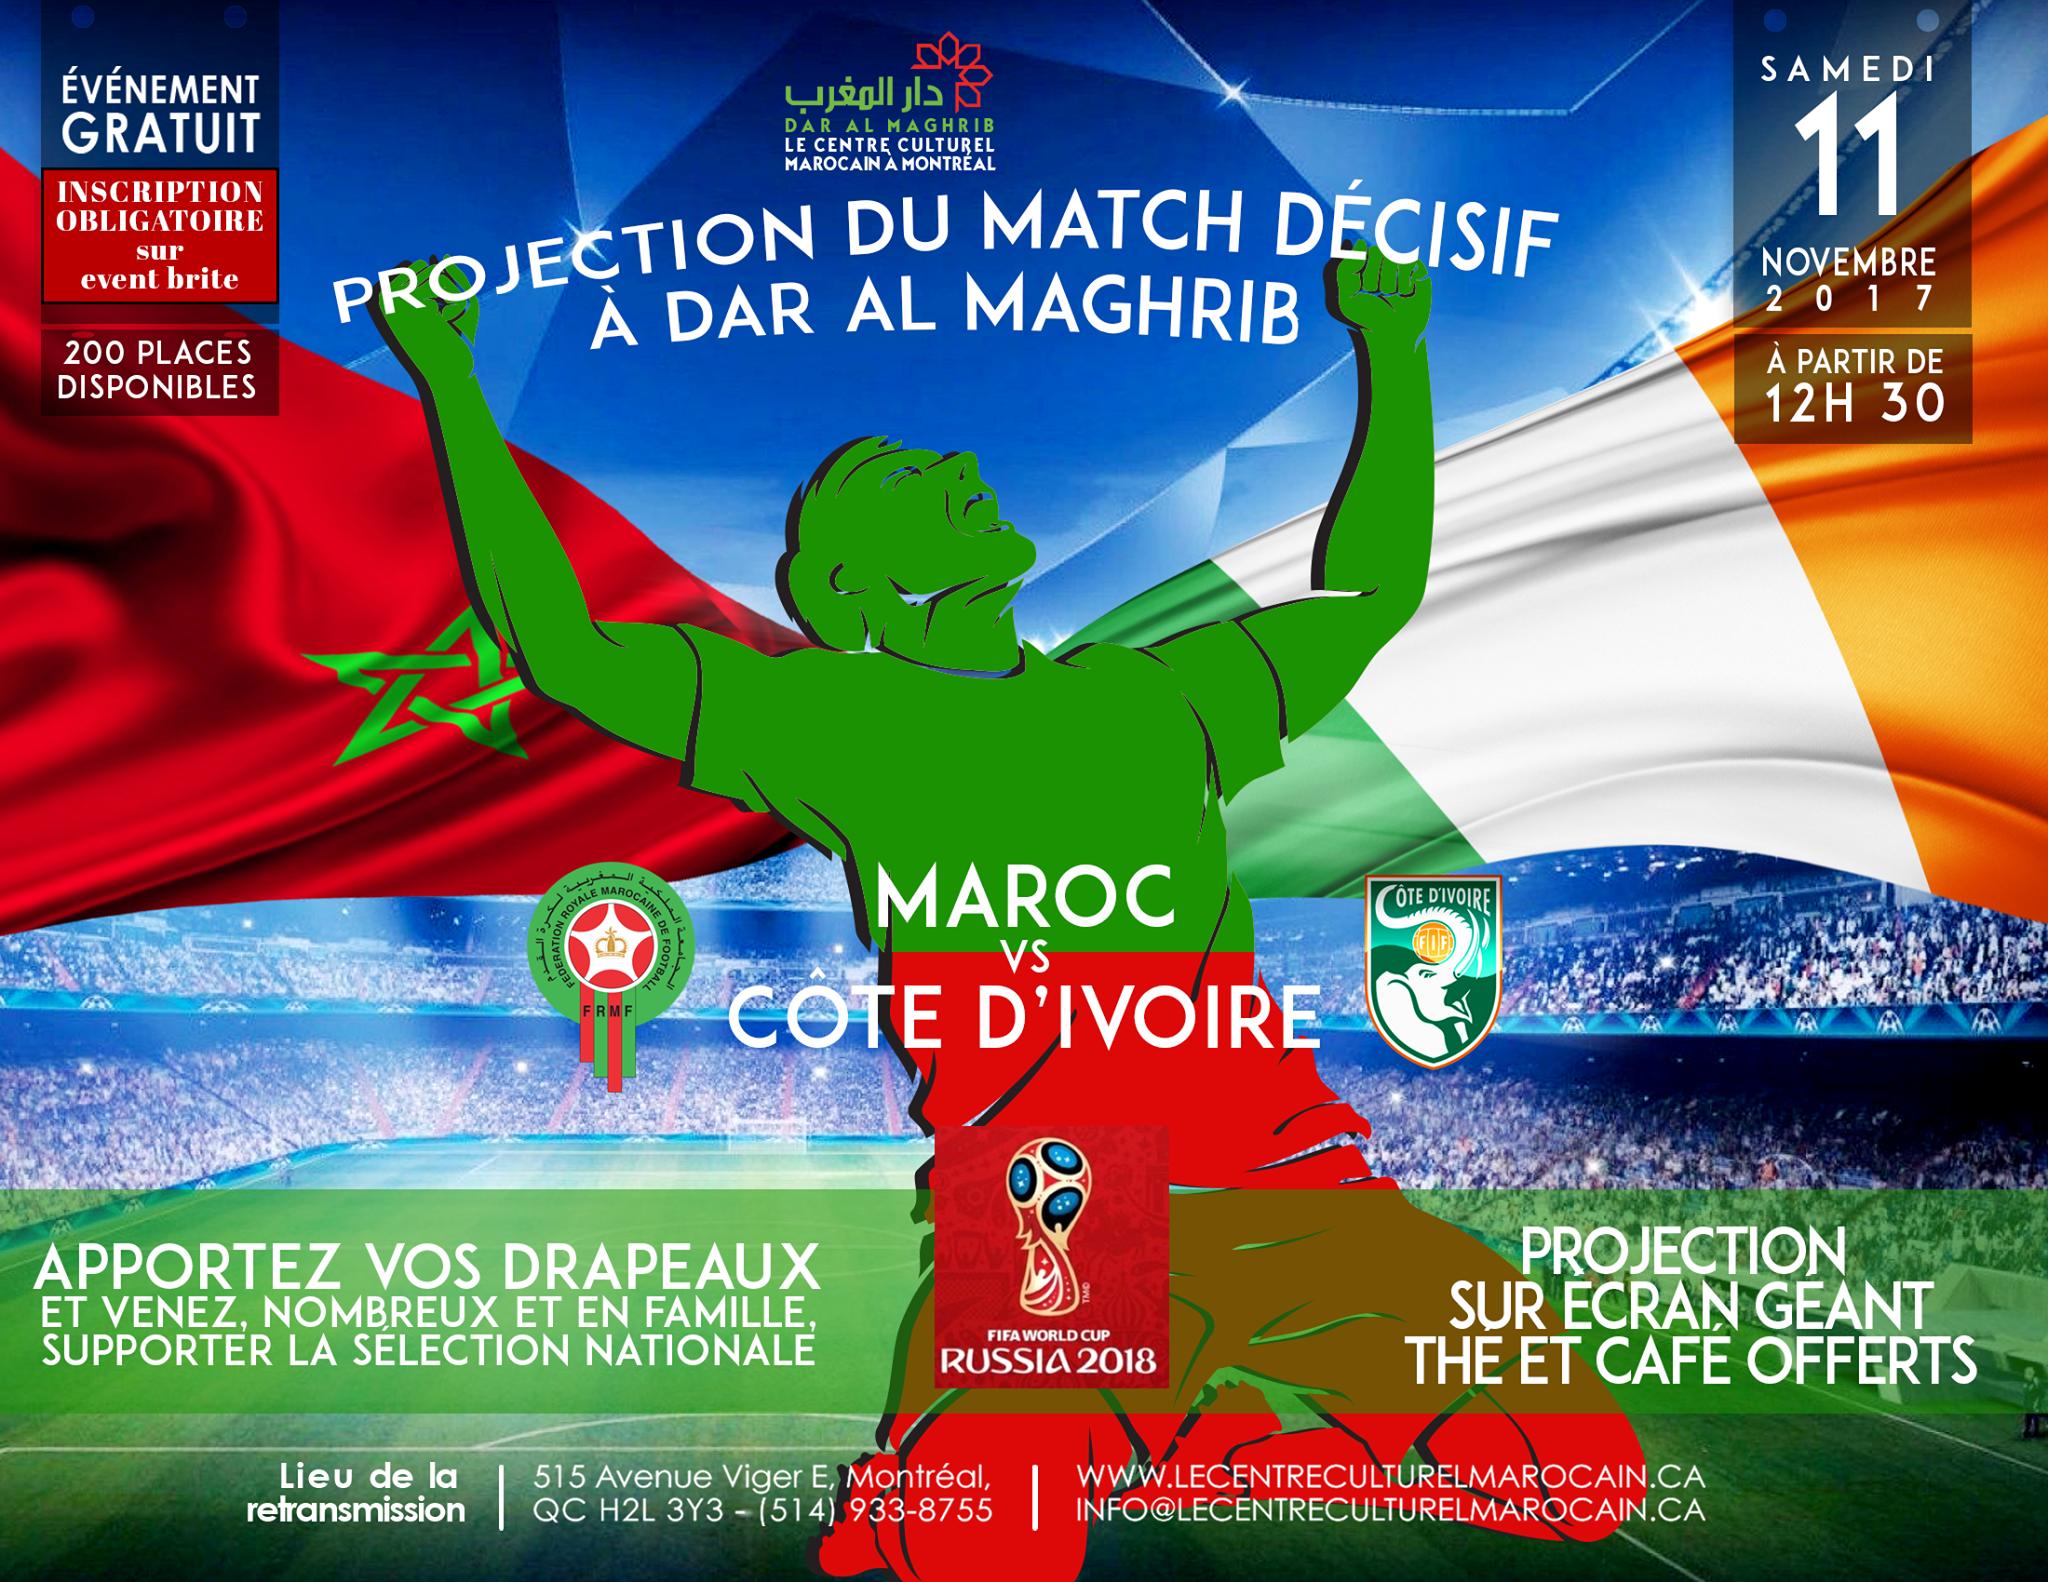 Projection du grand match décisif MAROC / CÔTE D'IVOIRE à Dar Al Maghrib à Montréal